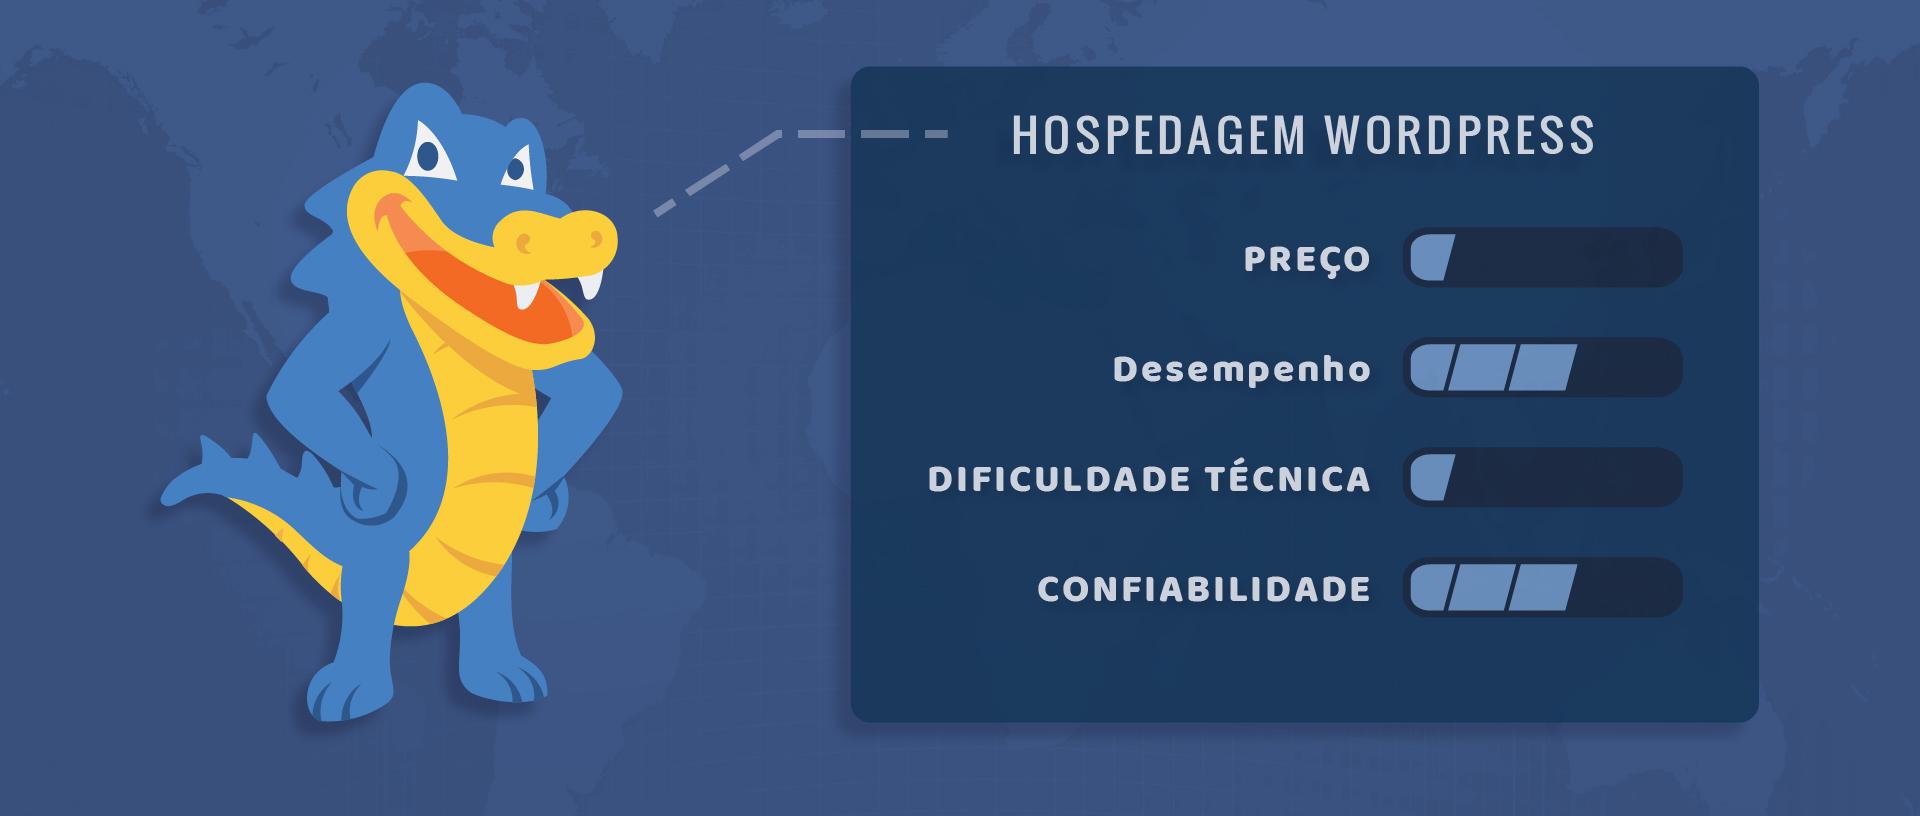 HostGator hospedagem WordPress Avaliação